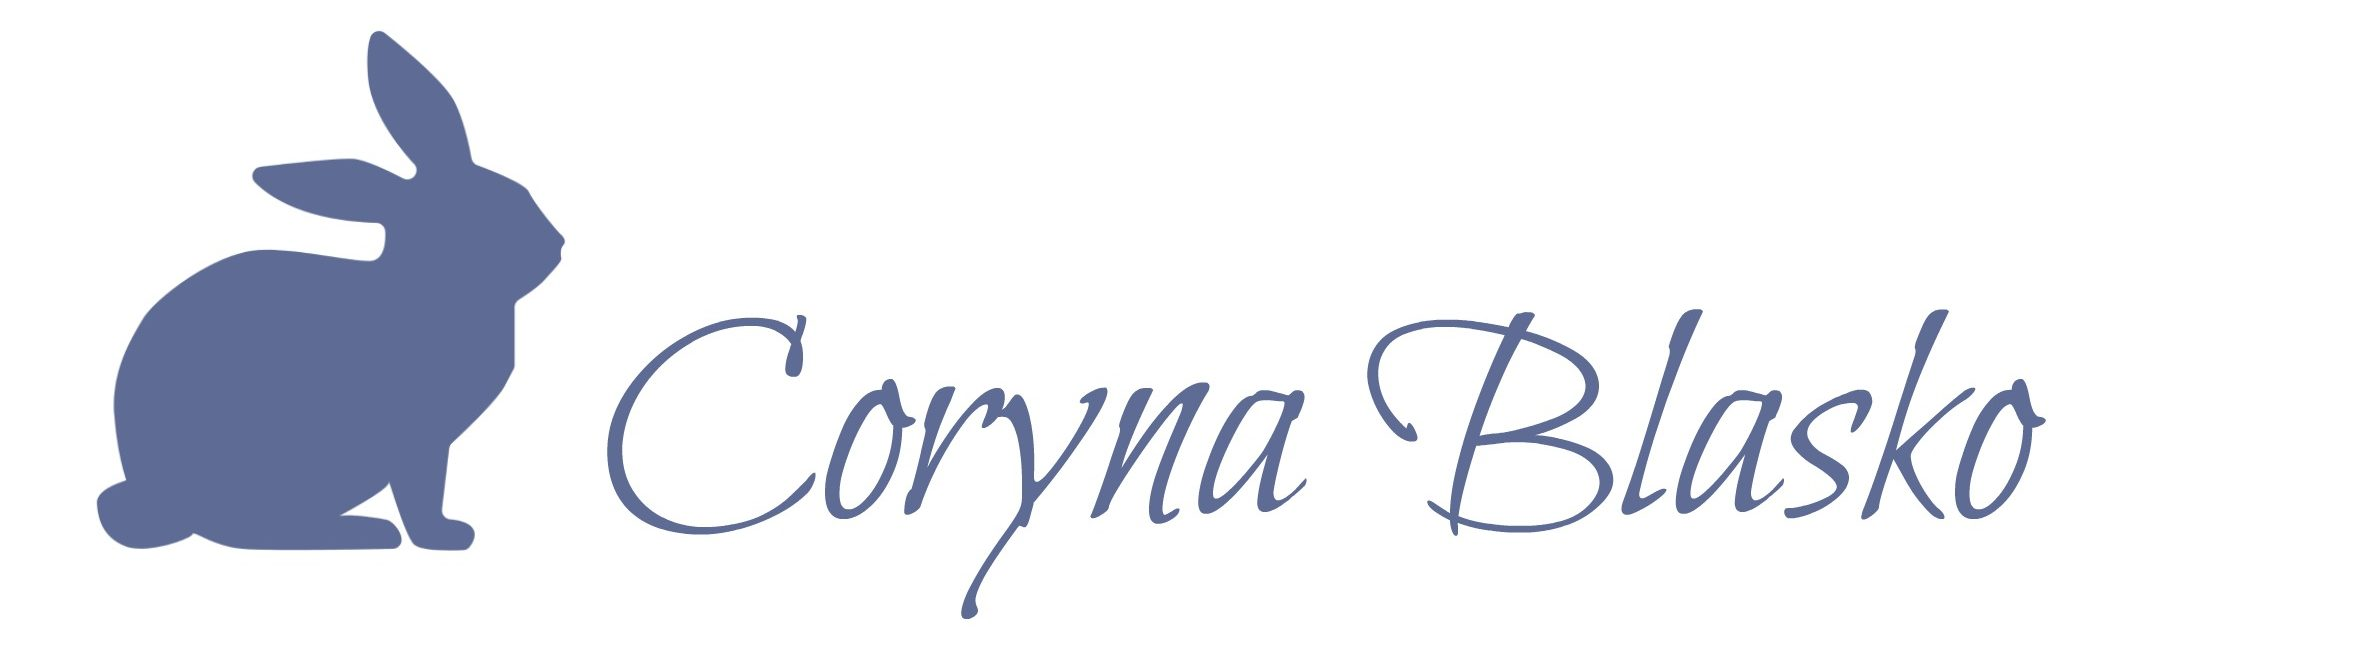 Coryna  Blasko